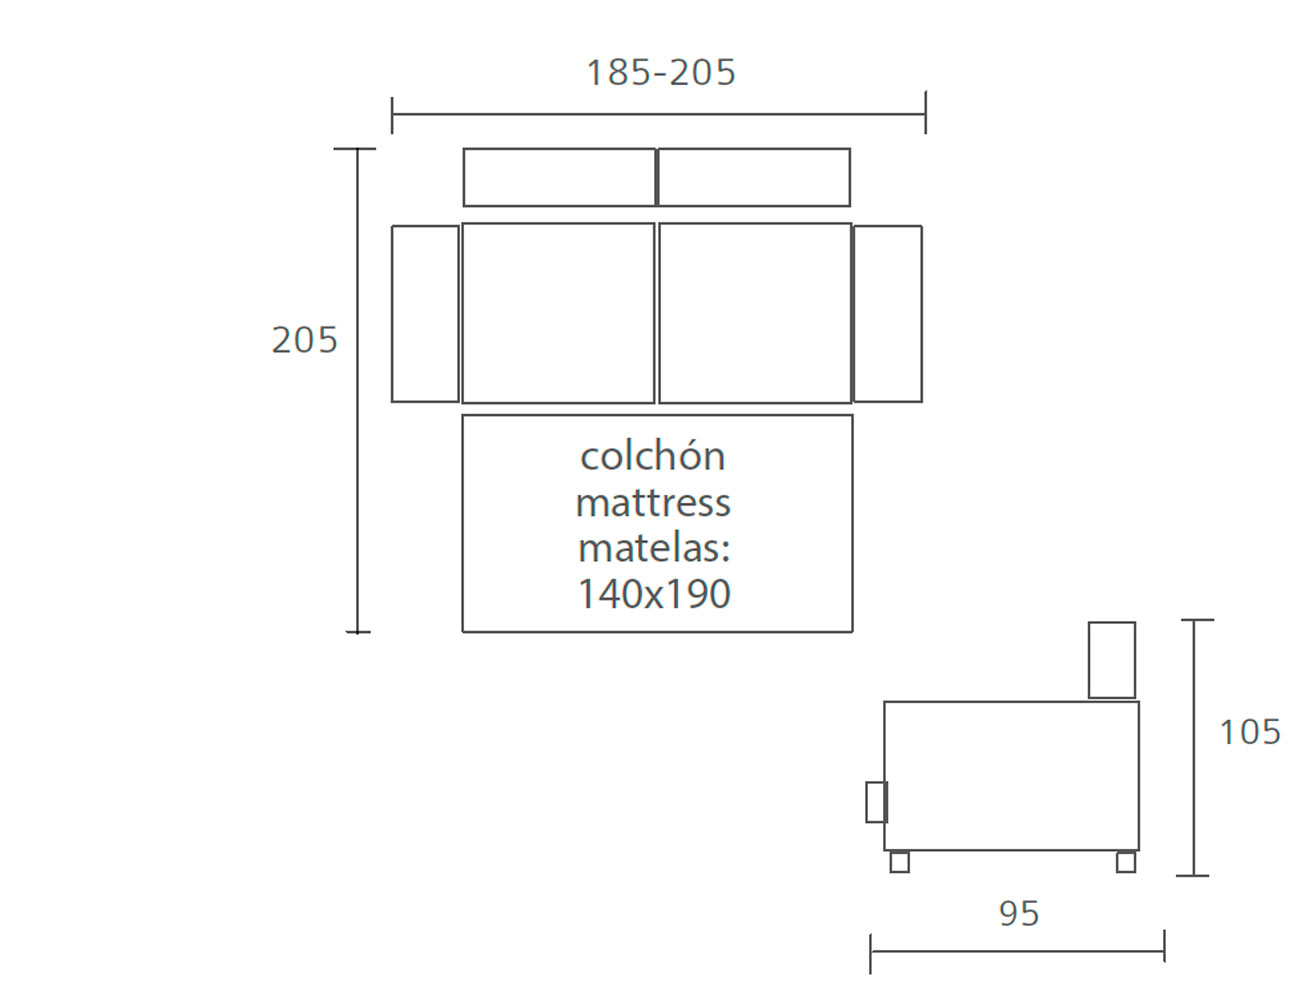 Sofa cama pedro ortiz 185 2054